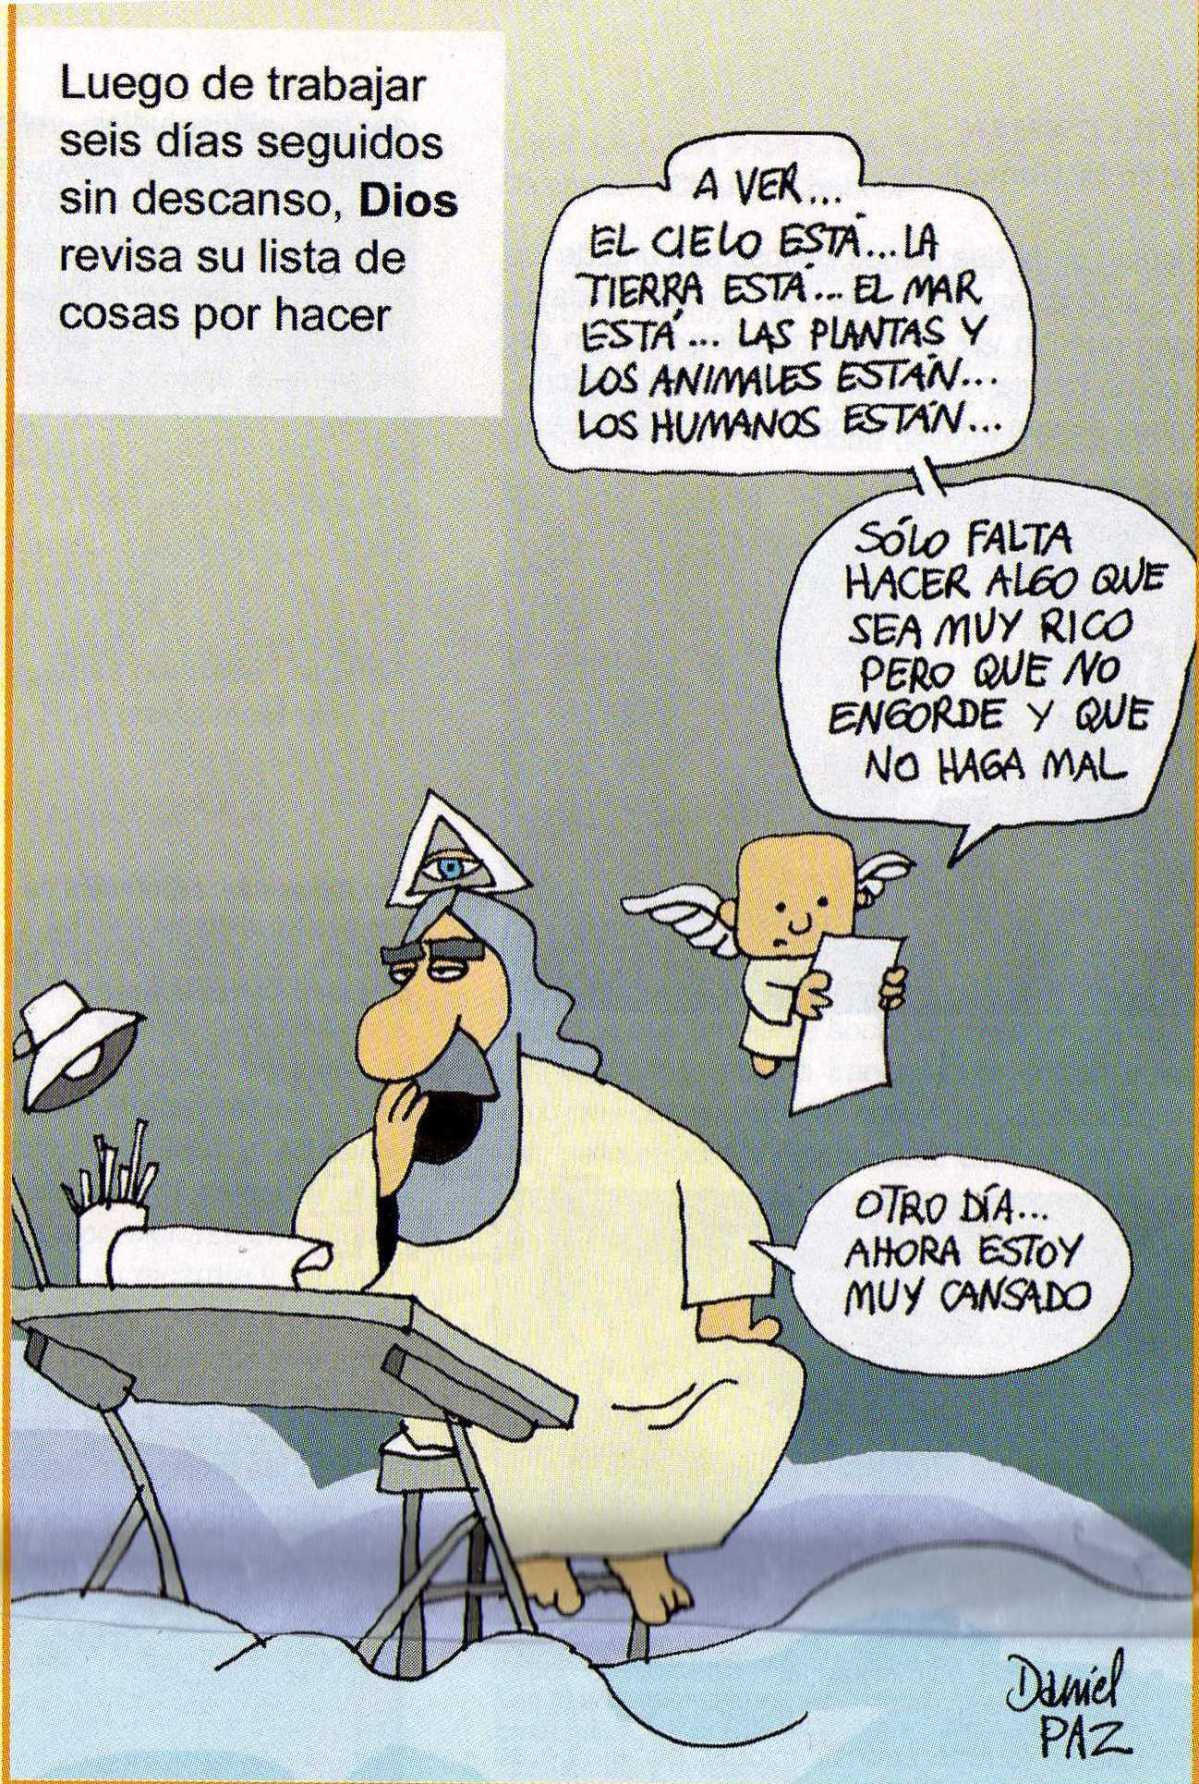 http://lasteologias.files.wordpress.com/2008/09/la-creacion-y-el-descanso-de-dios.jpg?w=1200